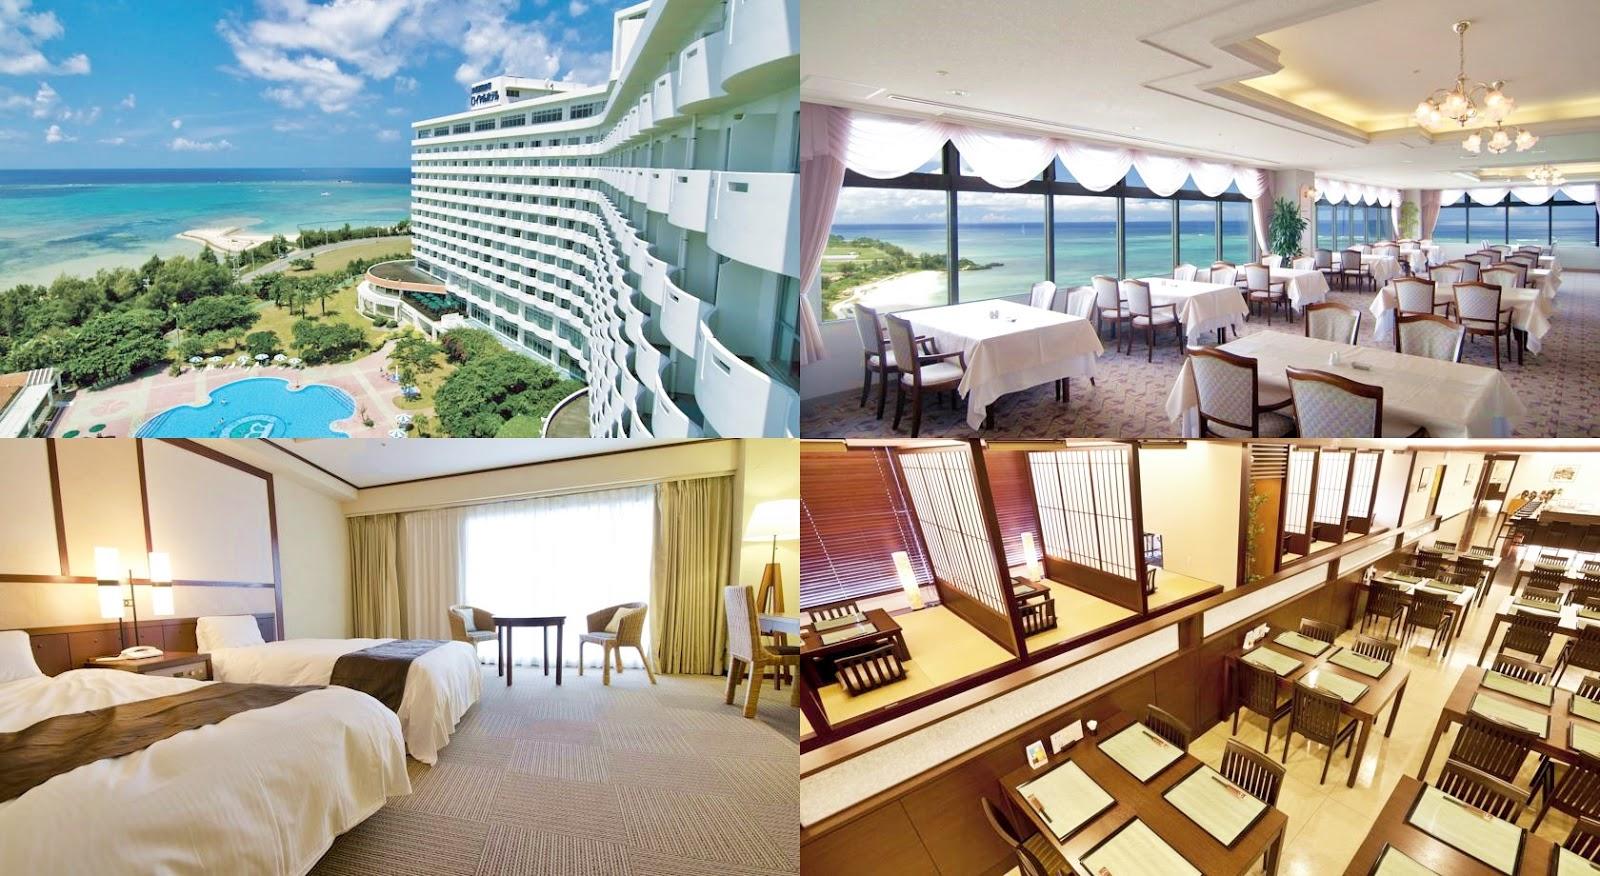 沖繩-住宿-推薦-飯店-旅館-民宿-公寓-沖繩-殘波岬-皇家酒店-Okinawa-Zanpamisaki-Royal-Hotel-Okinawa-hotel-recommendation